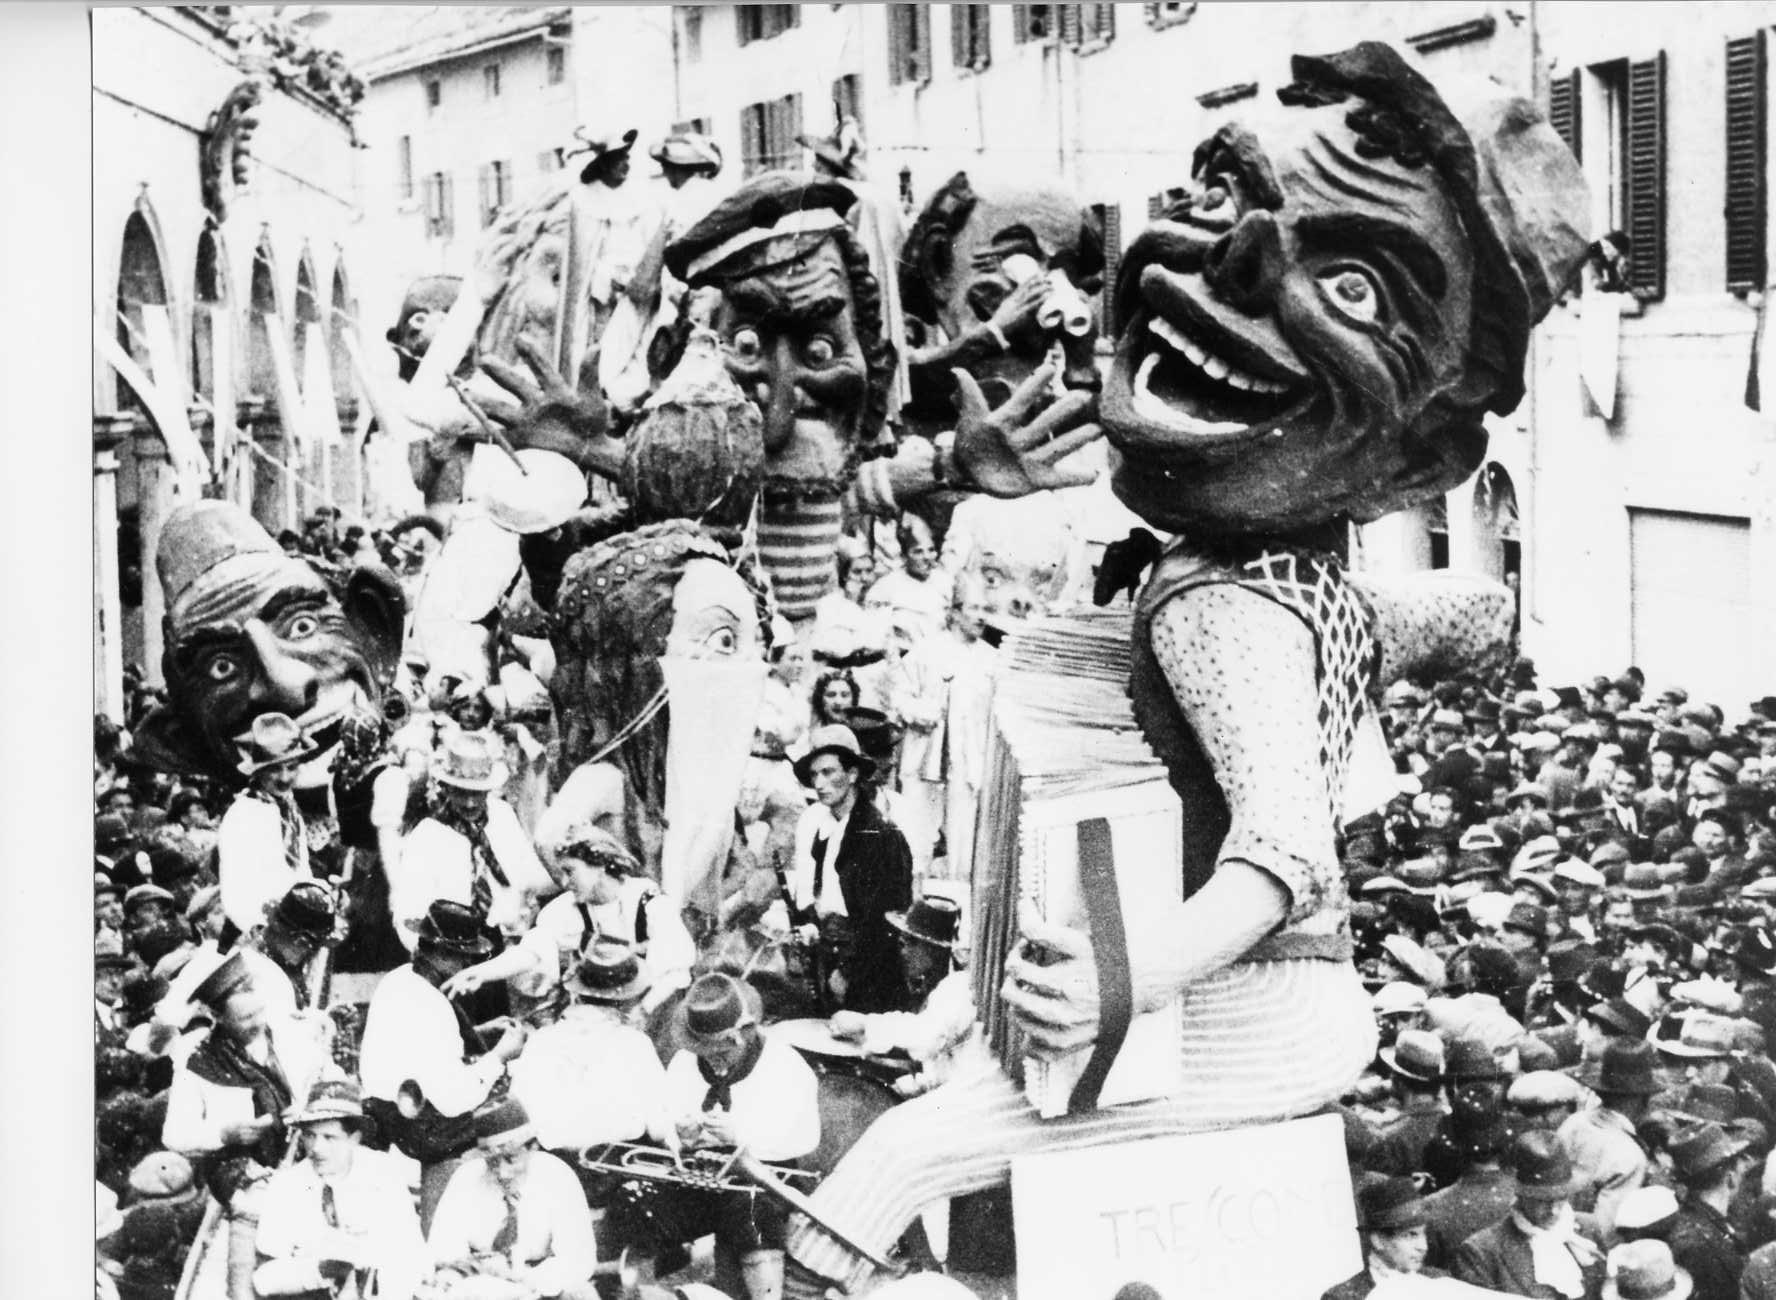 E' PREFERIBILE UN BEL TRESCONE...SUGGERI' ULISSE IL FURBACCHIONE-1937